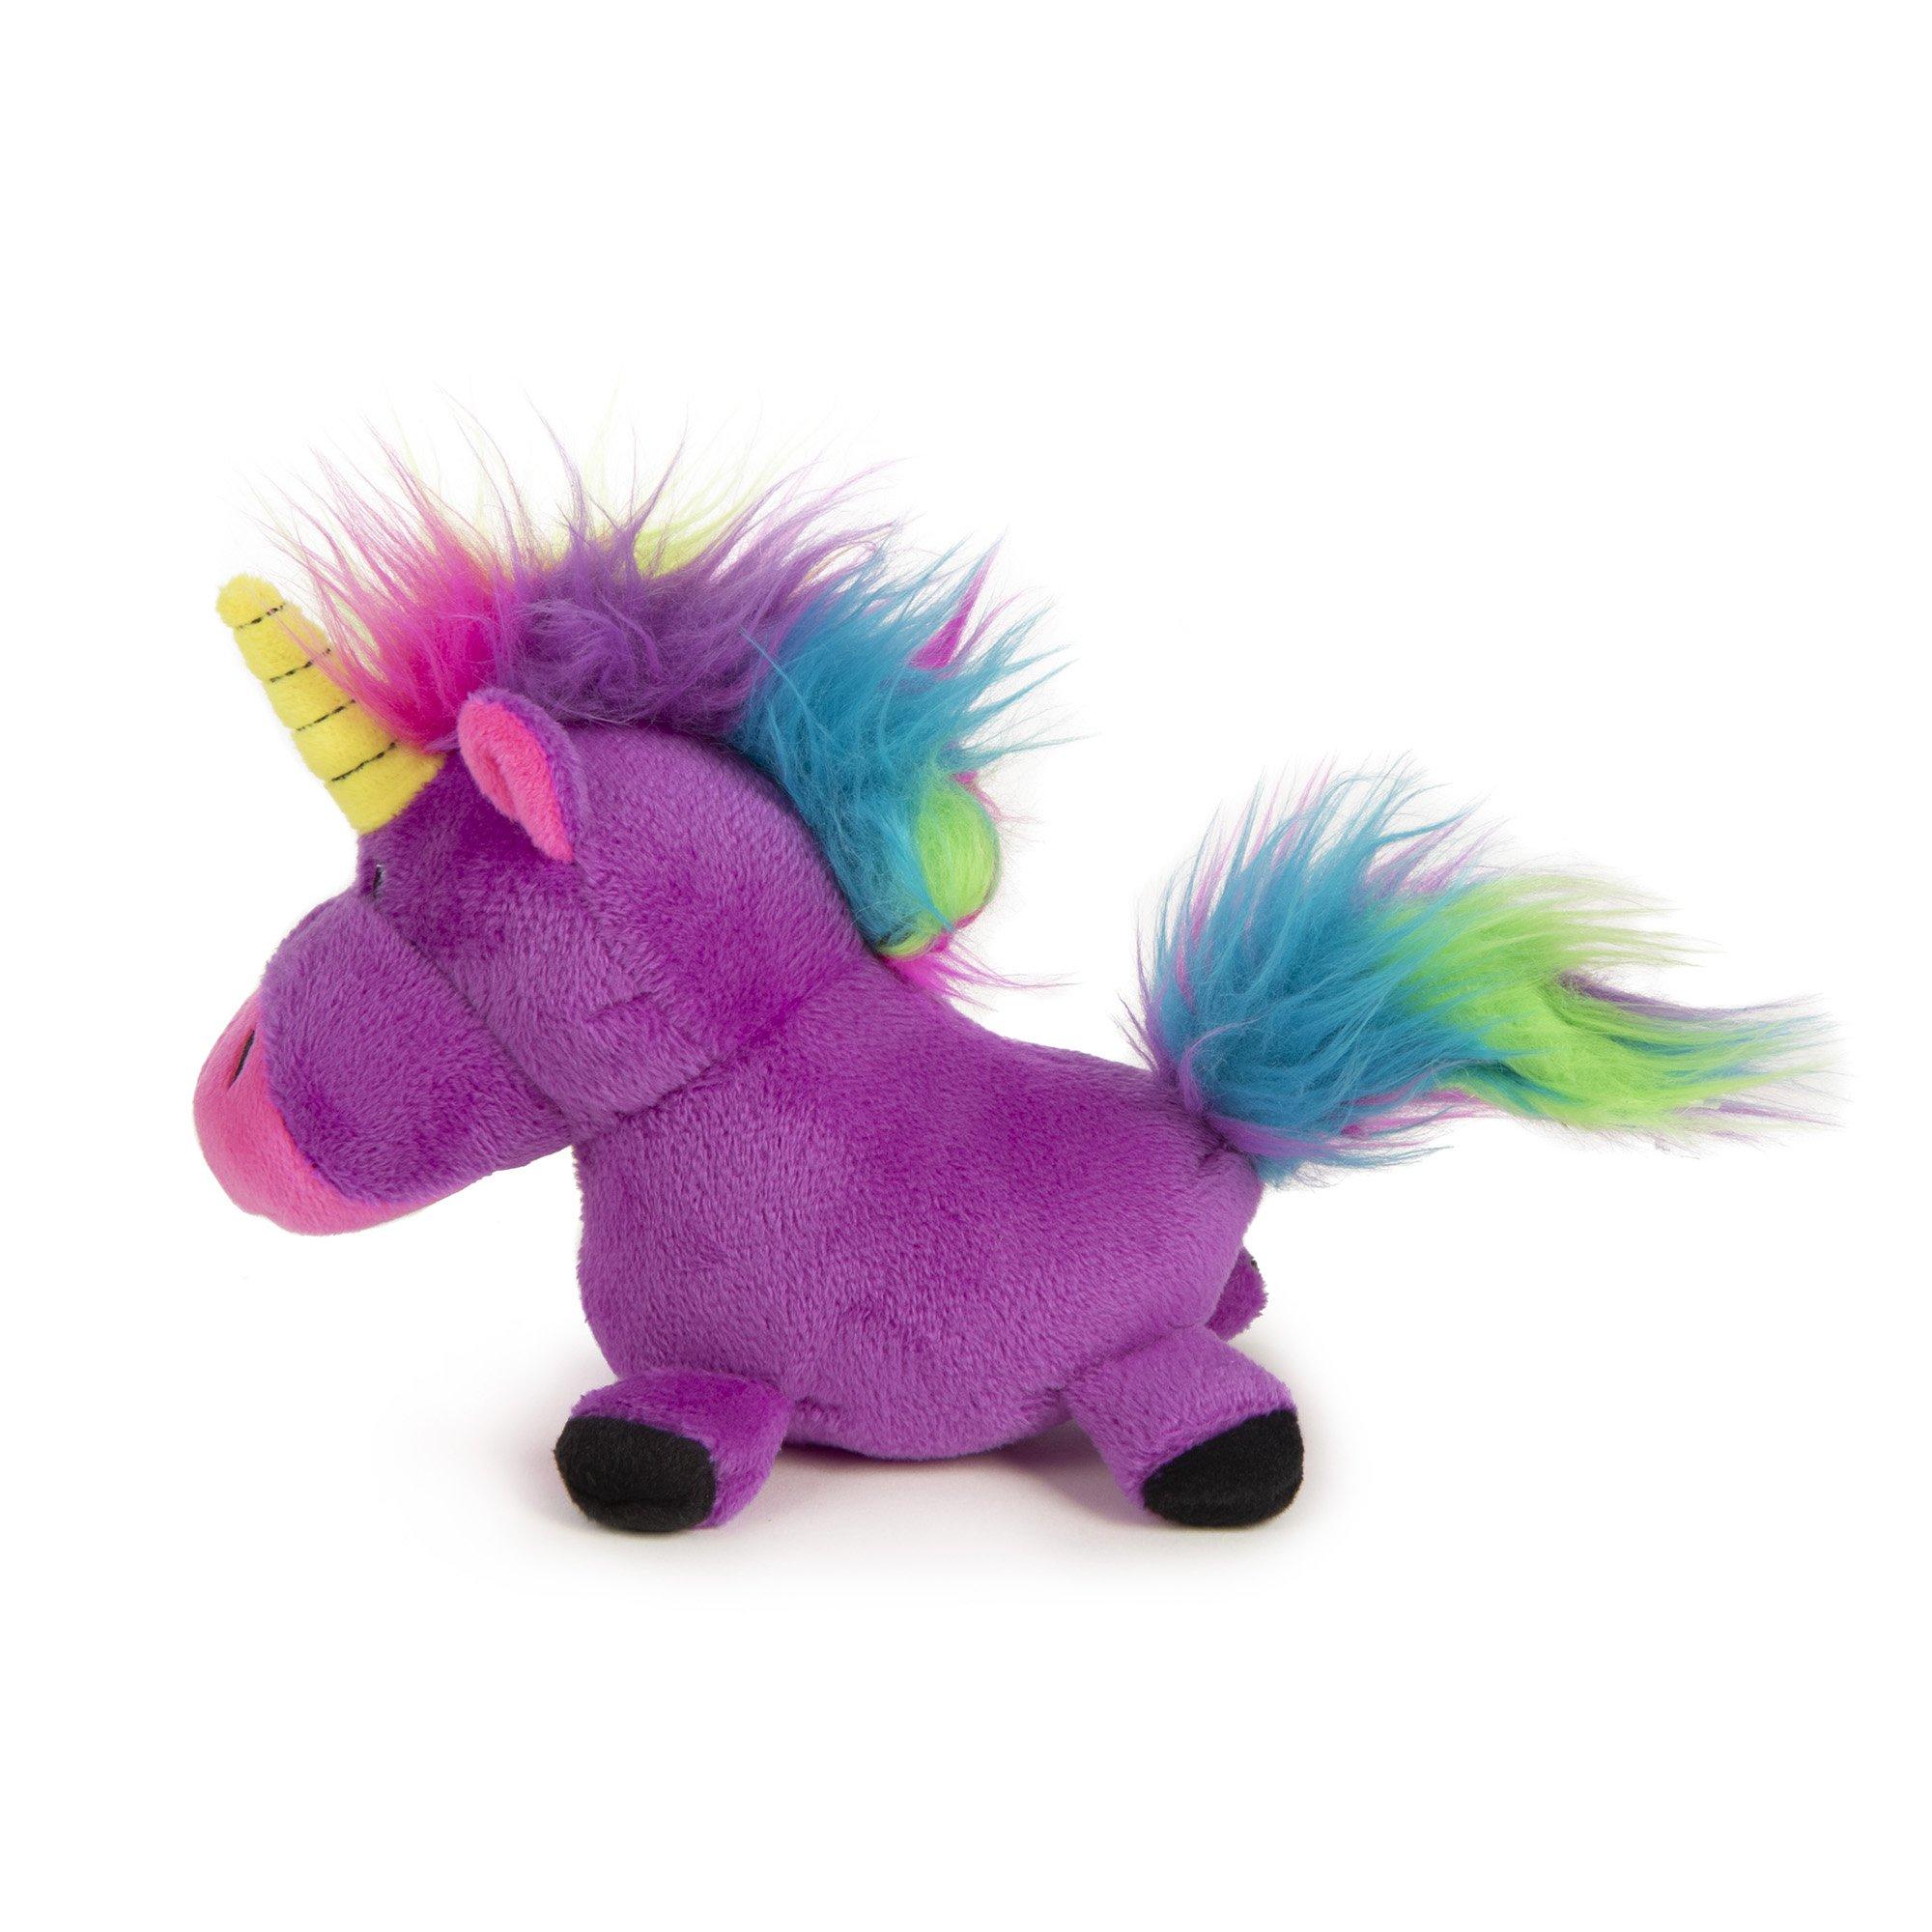 goDog Purple Unicorn Dog Toy, Small Dog toys, Your pet